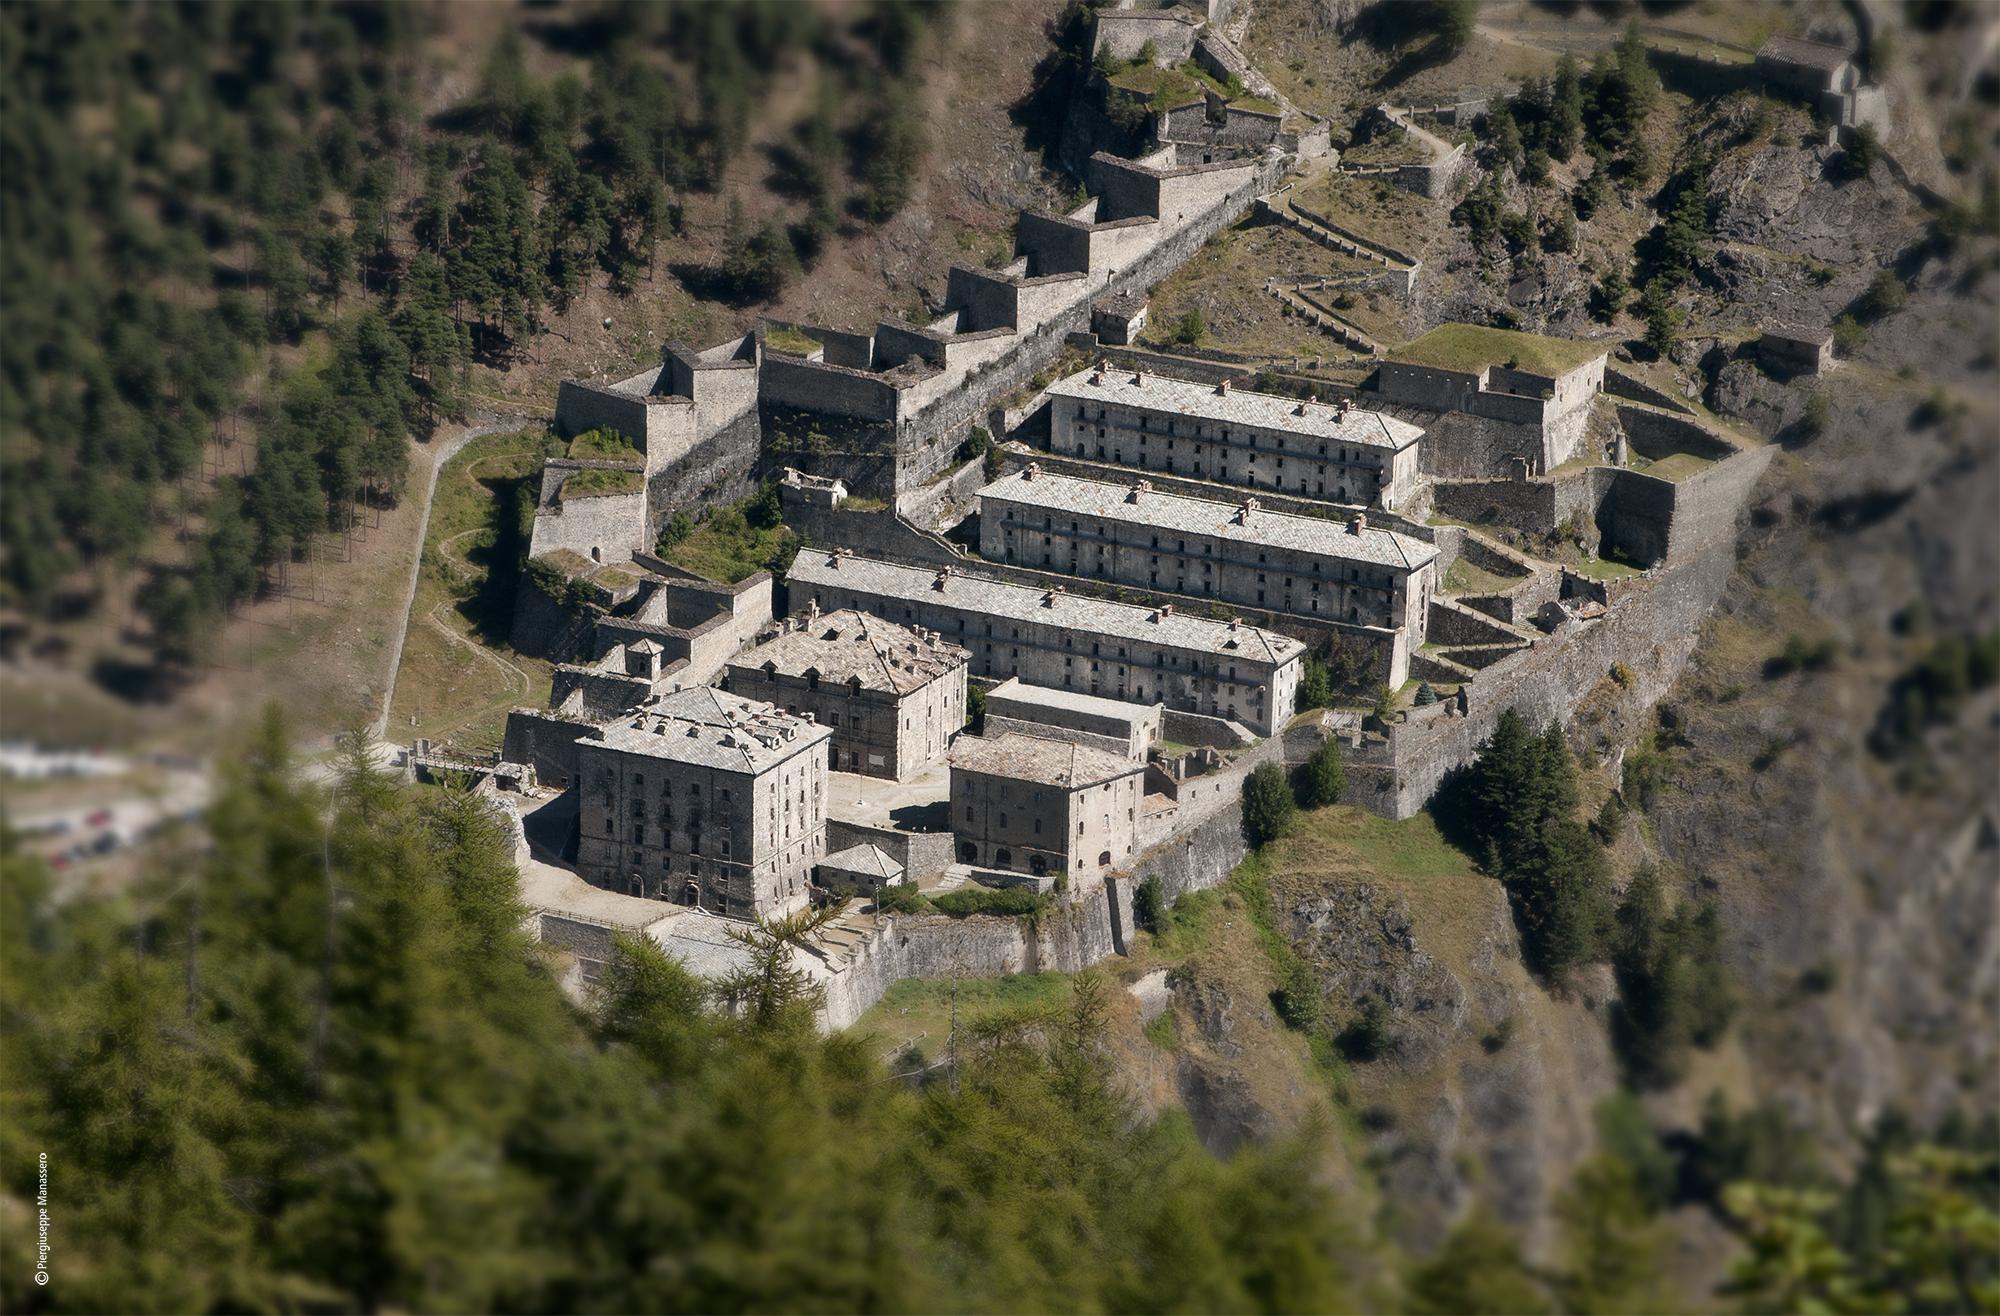 Il Forte di Fenestrelle, l'opera difensiva più grande d'Europa